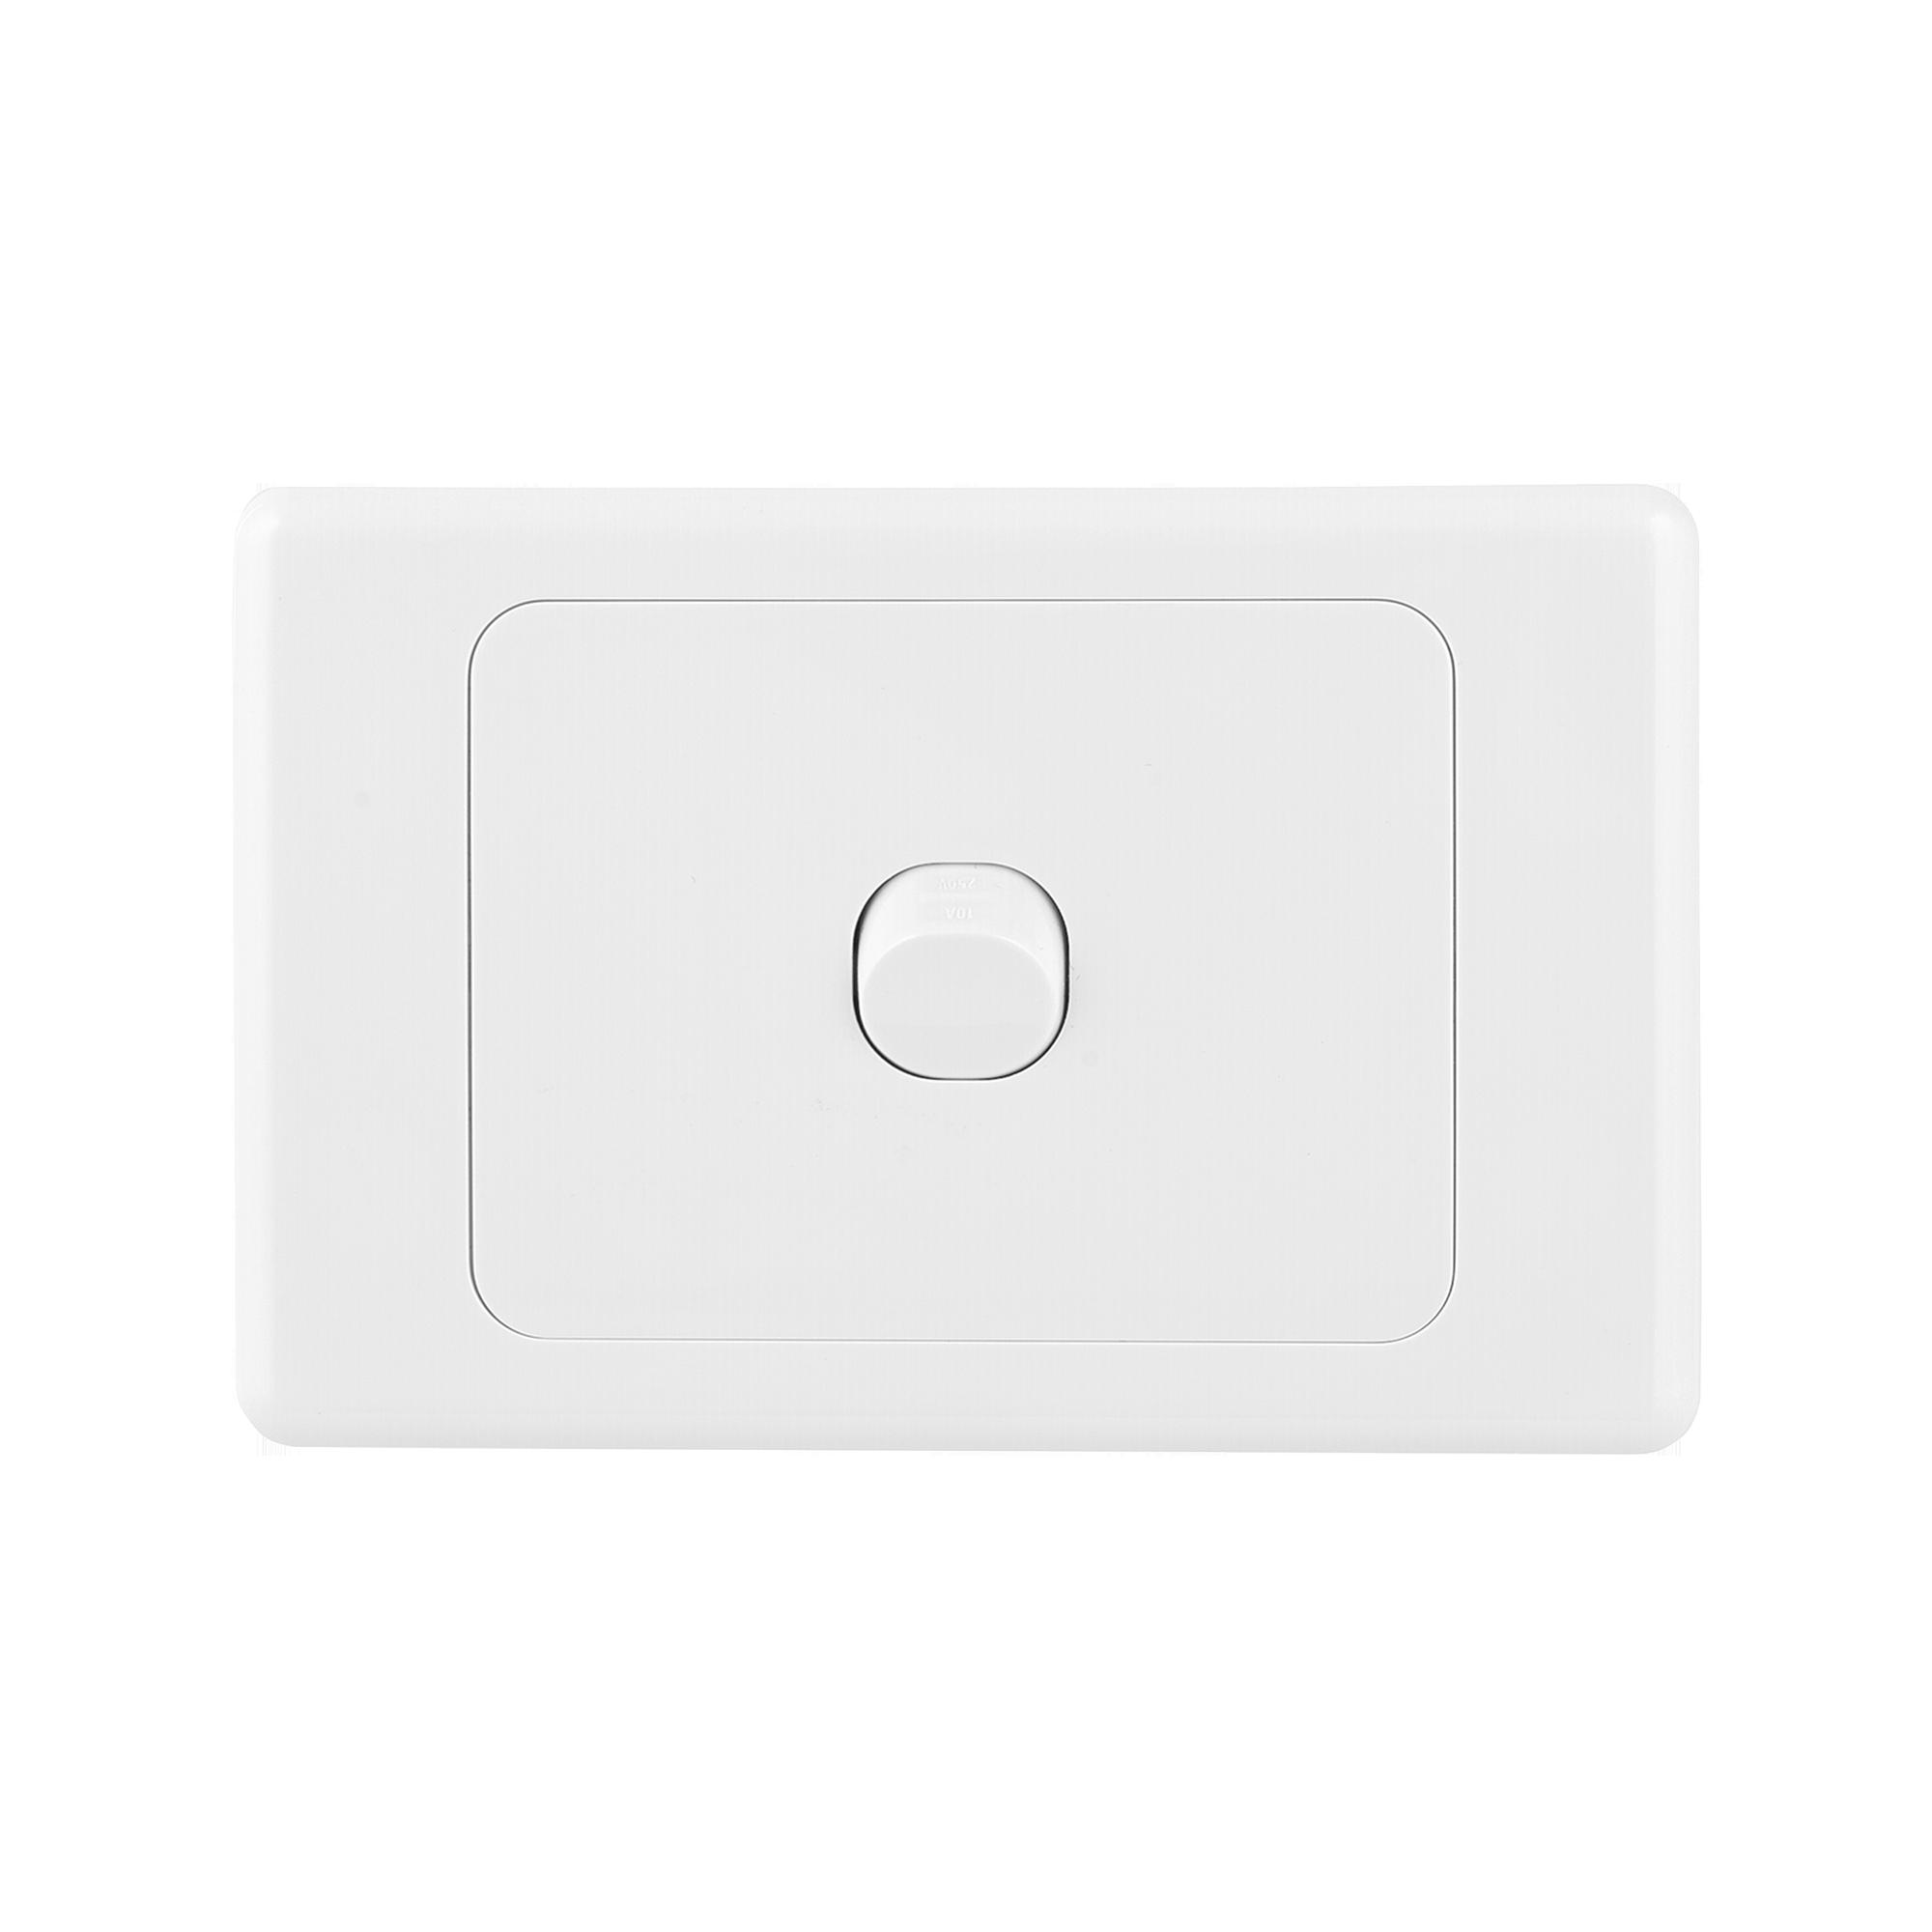 Deta s-line single switch